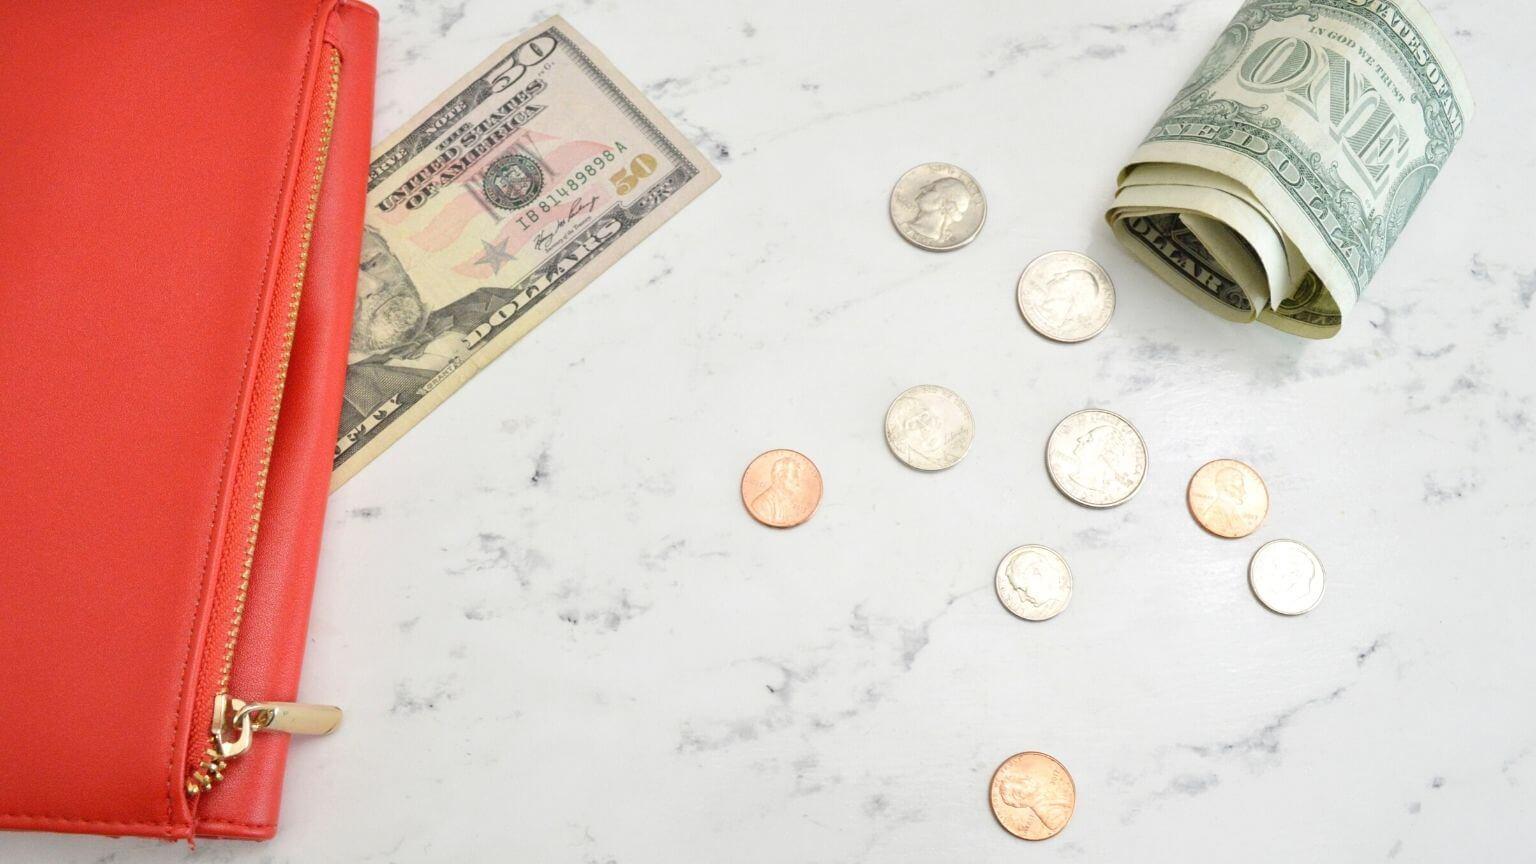 Comment créer son budget facilement en 8 étapes